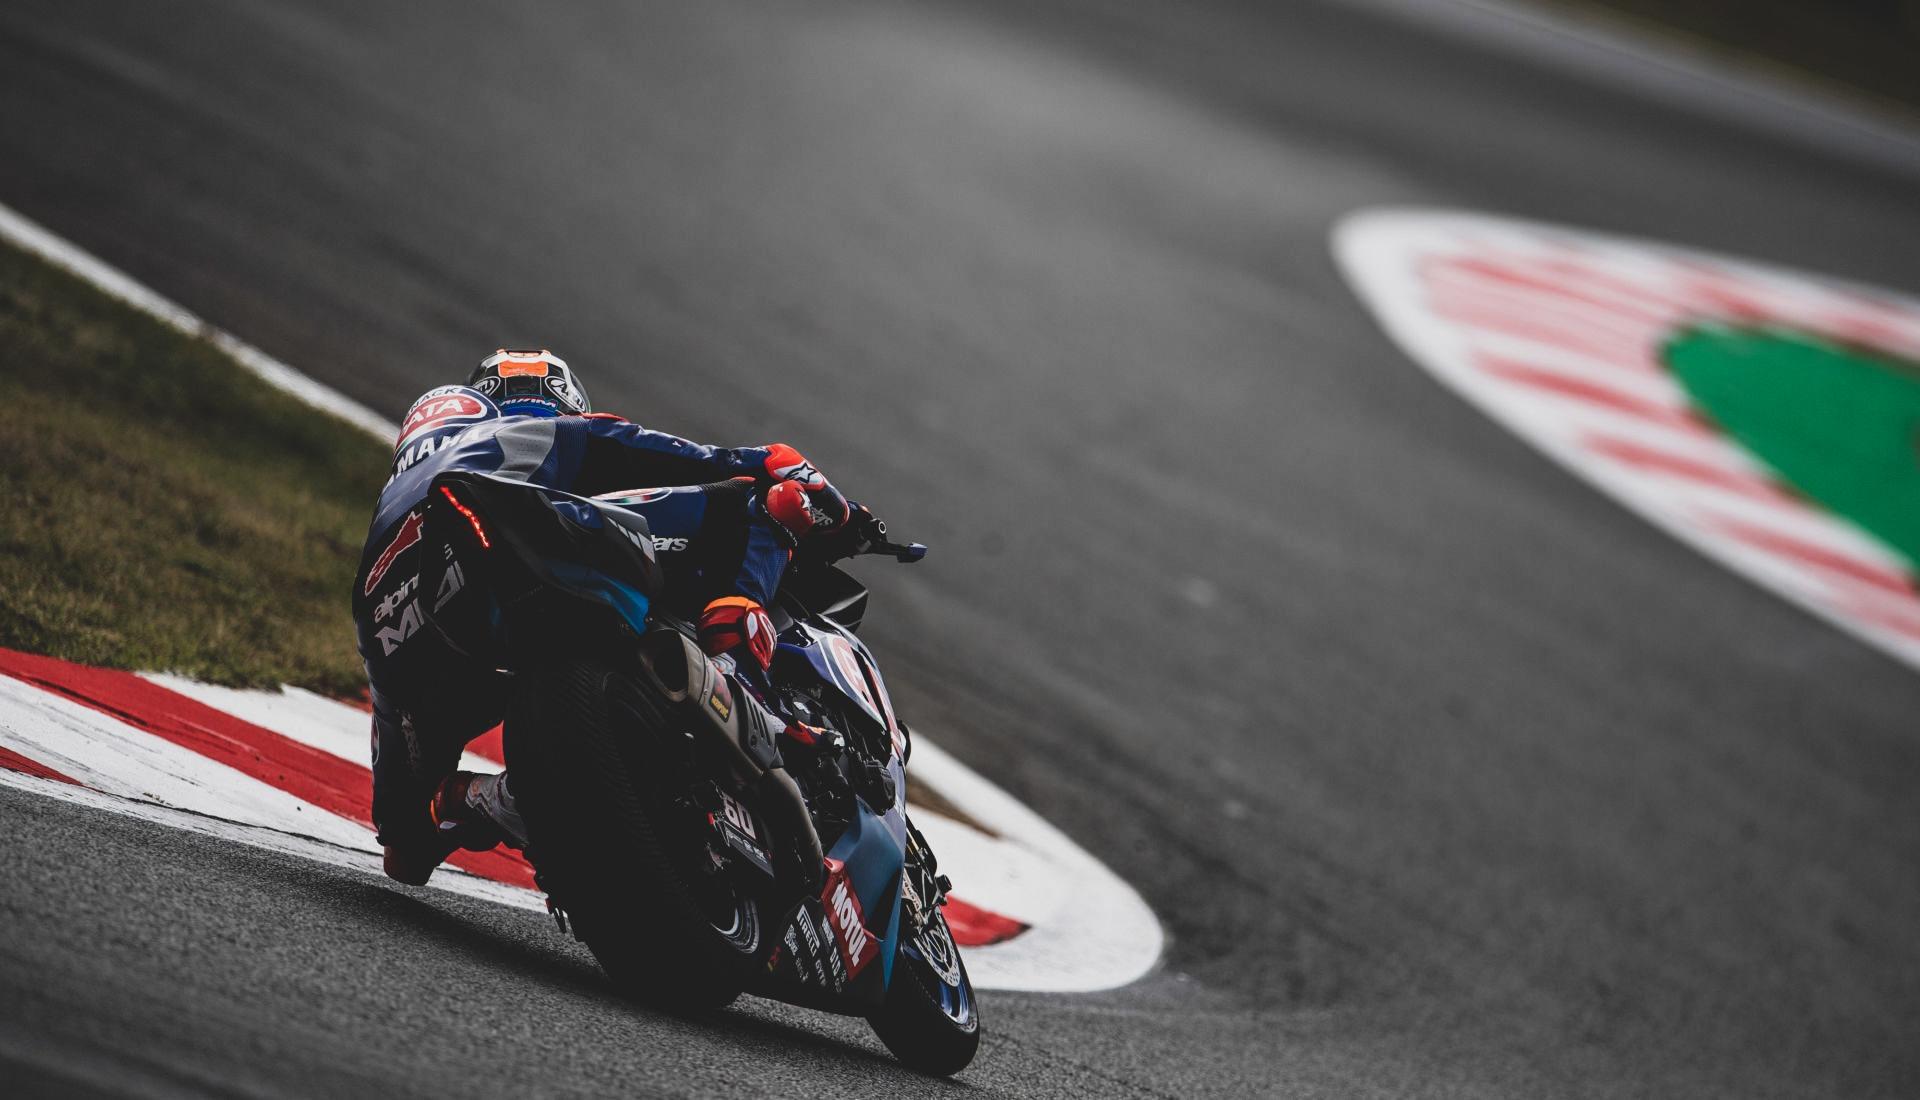 Bezoek een race of probeer het zelf op het circuit van Magny-Cours